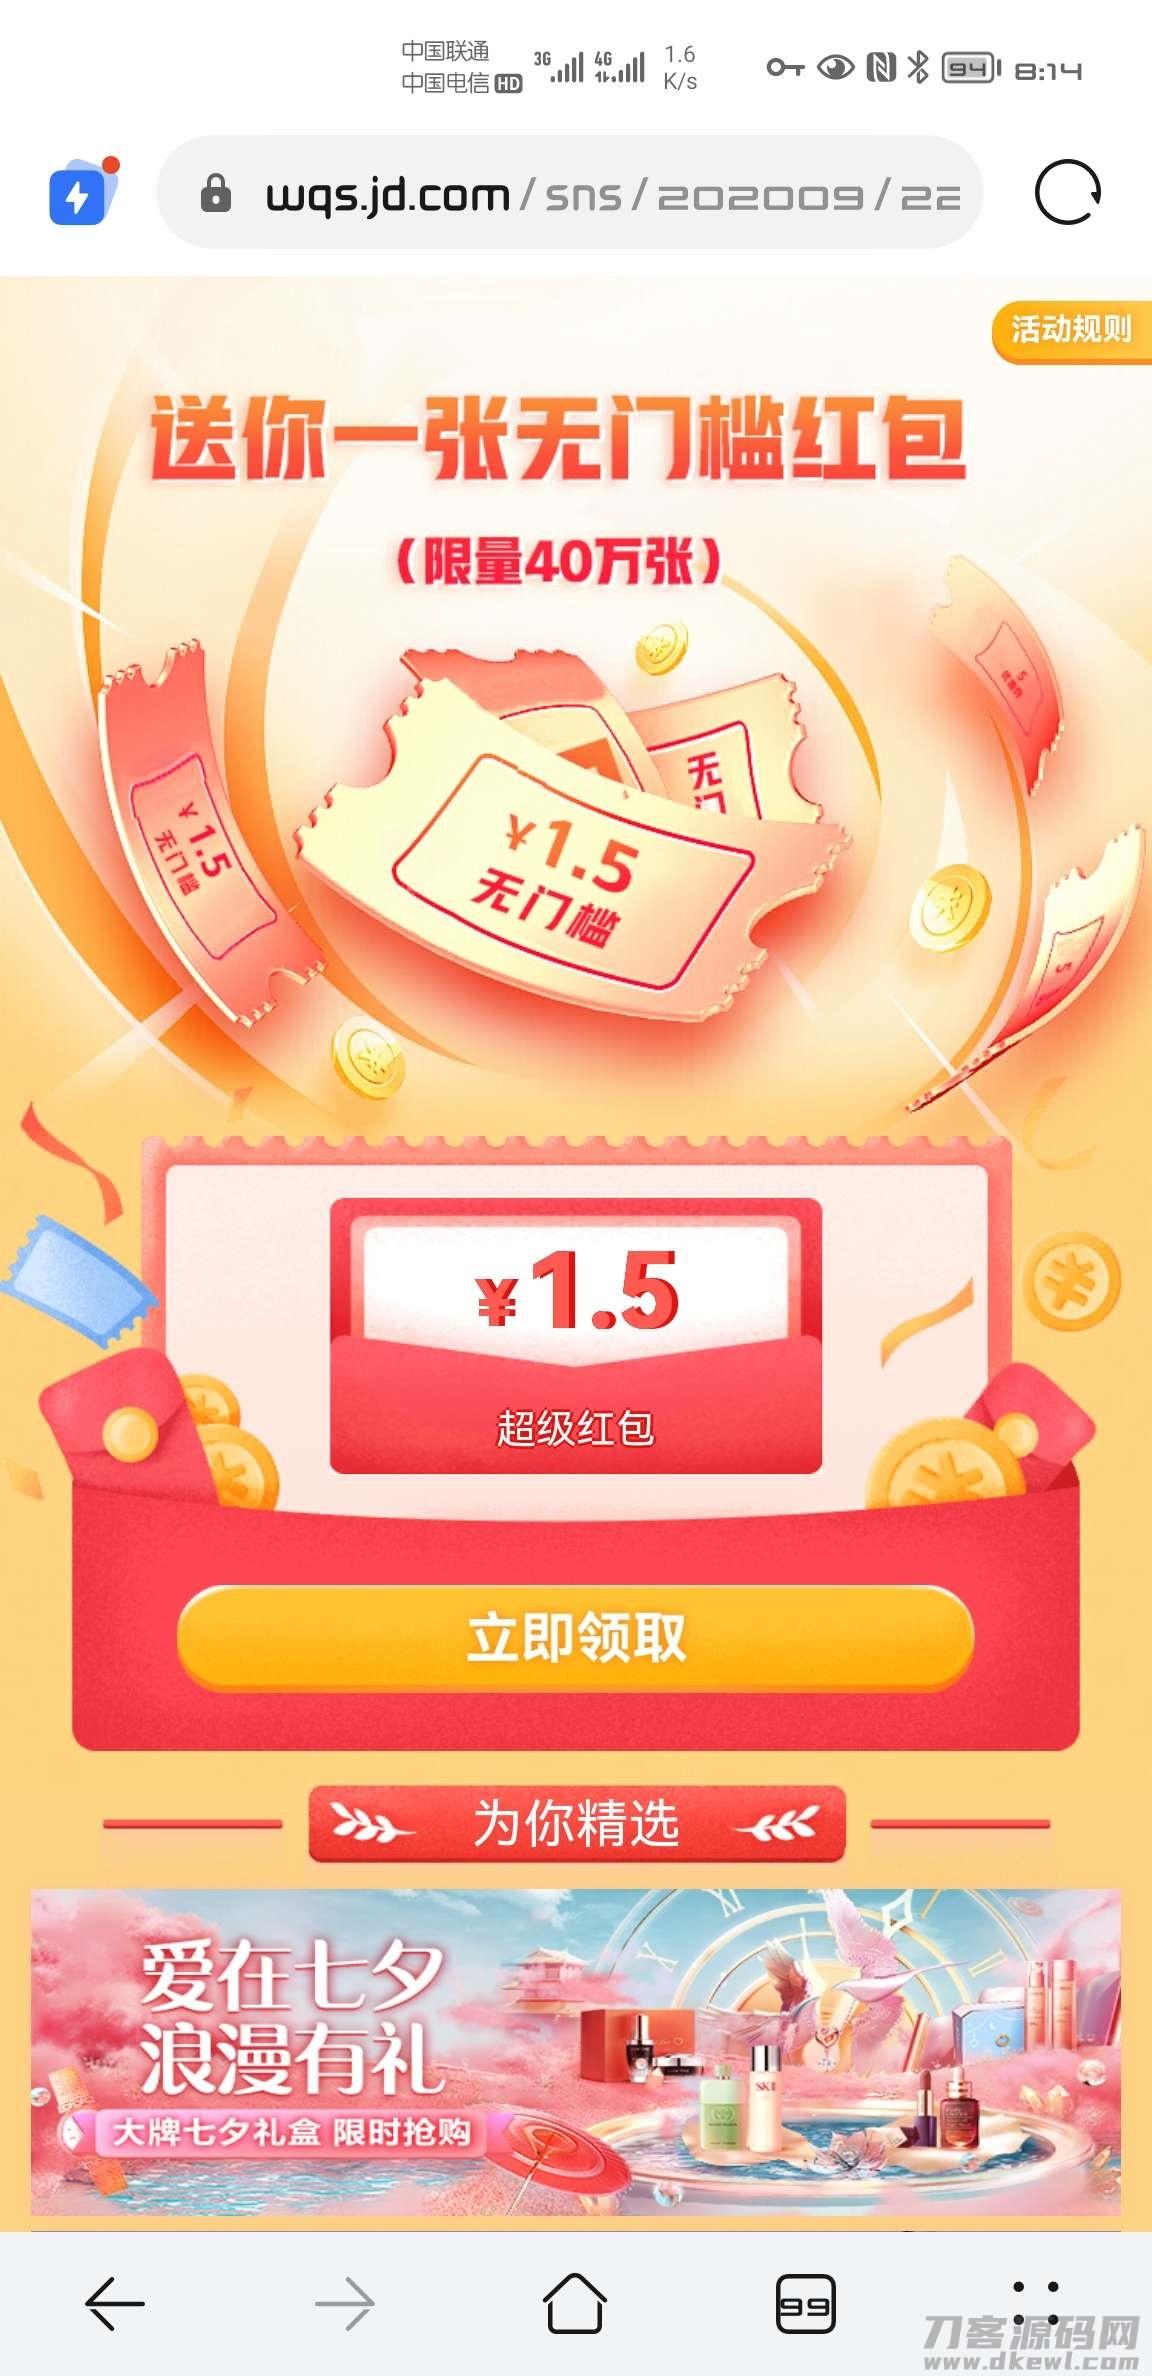 【虚拟商品】京东商城粉丝福利领1.5元无门坎大红包插图